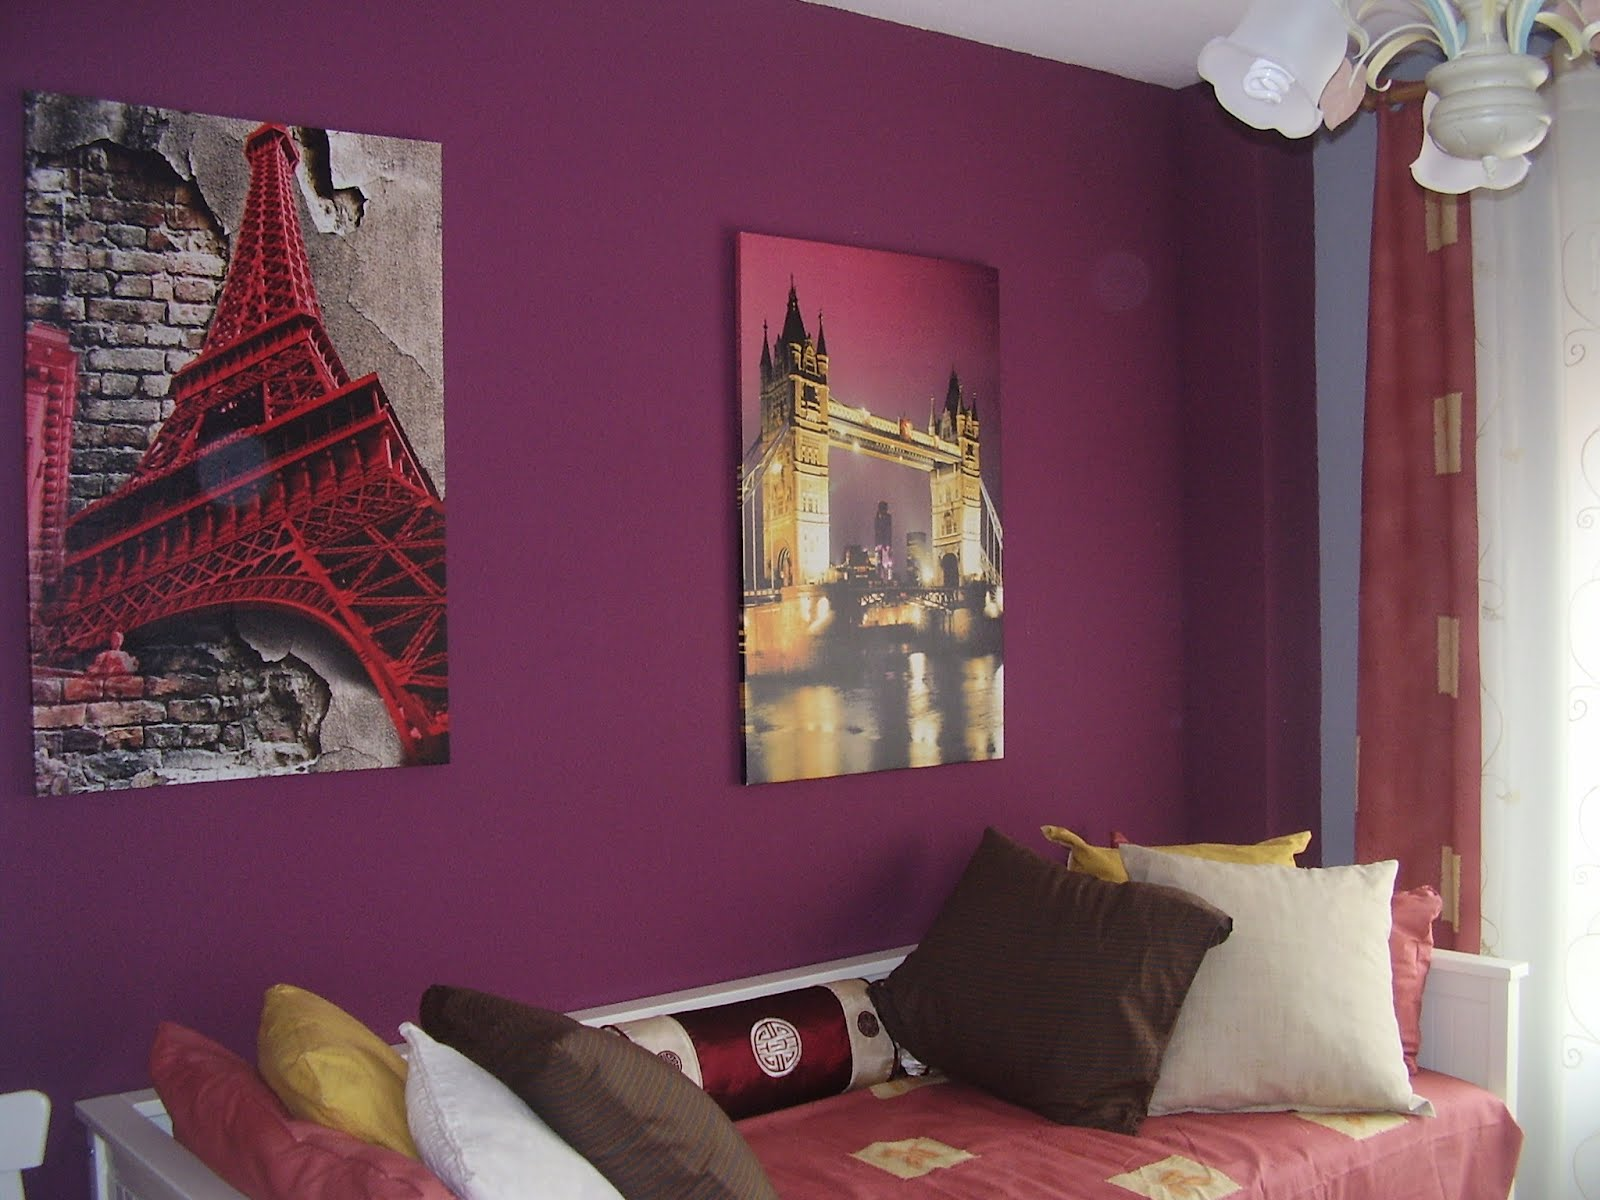 Pinturas para casas imagui - Pintura casas interiores ...